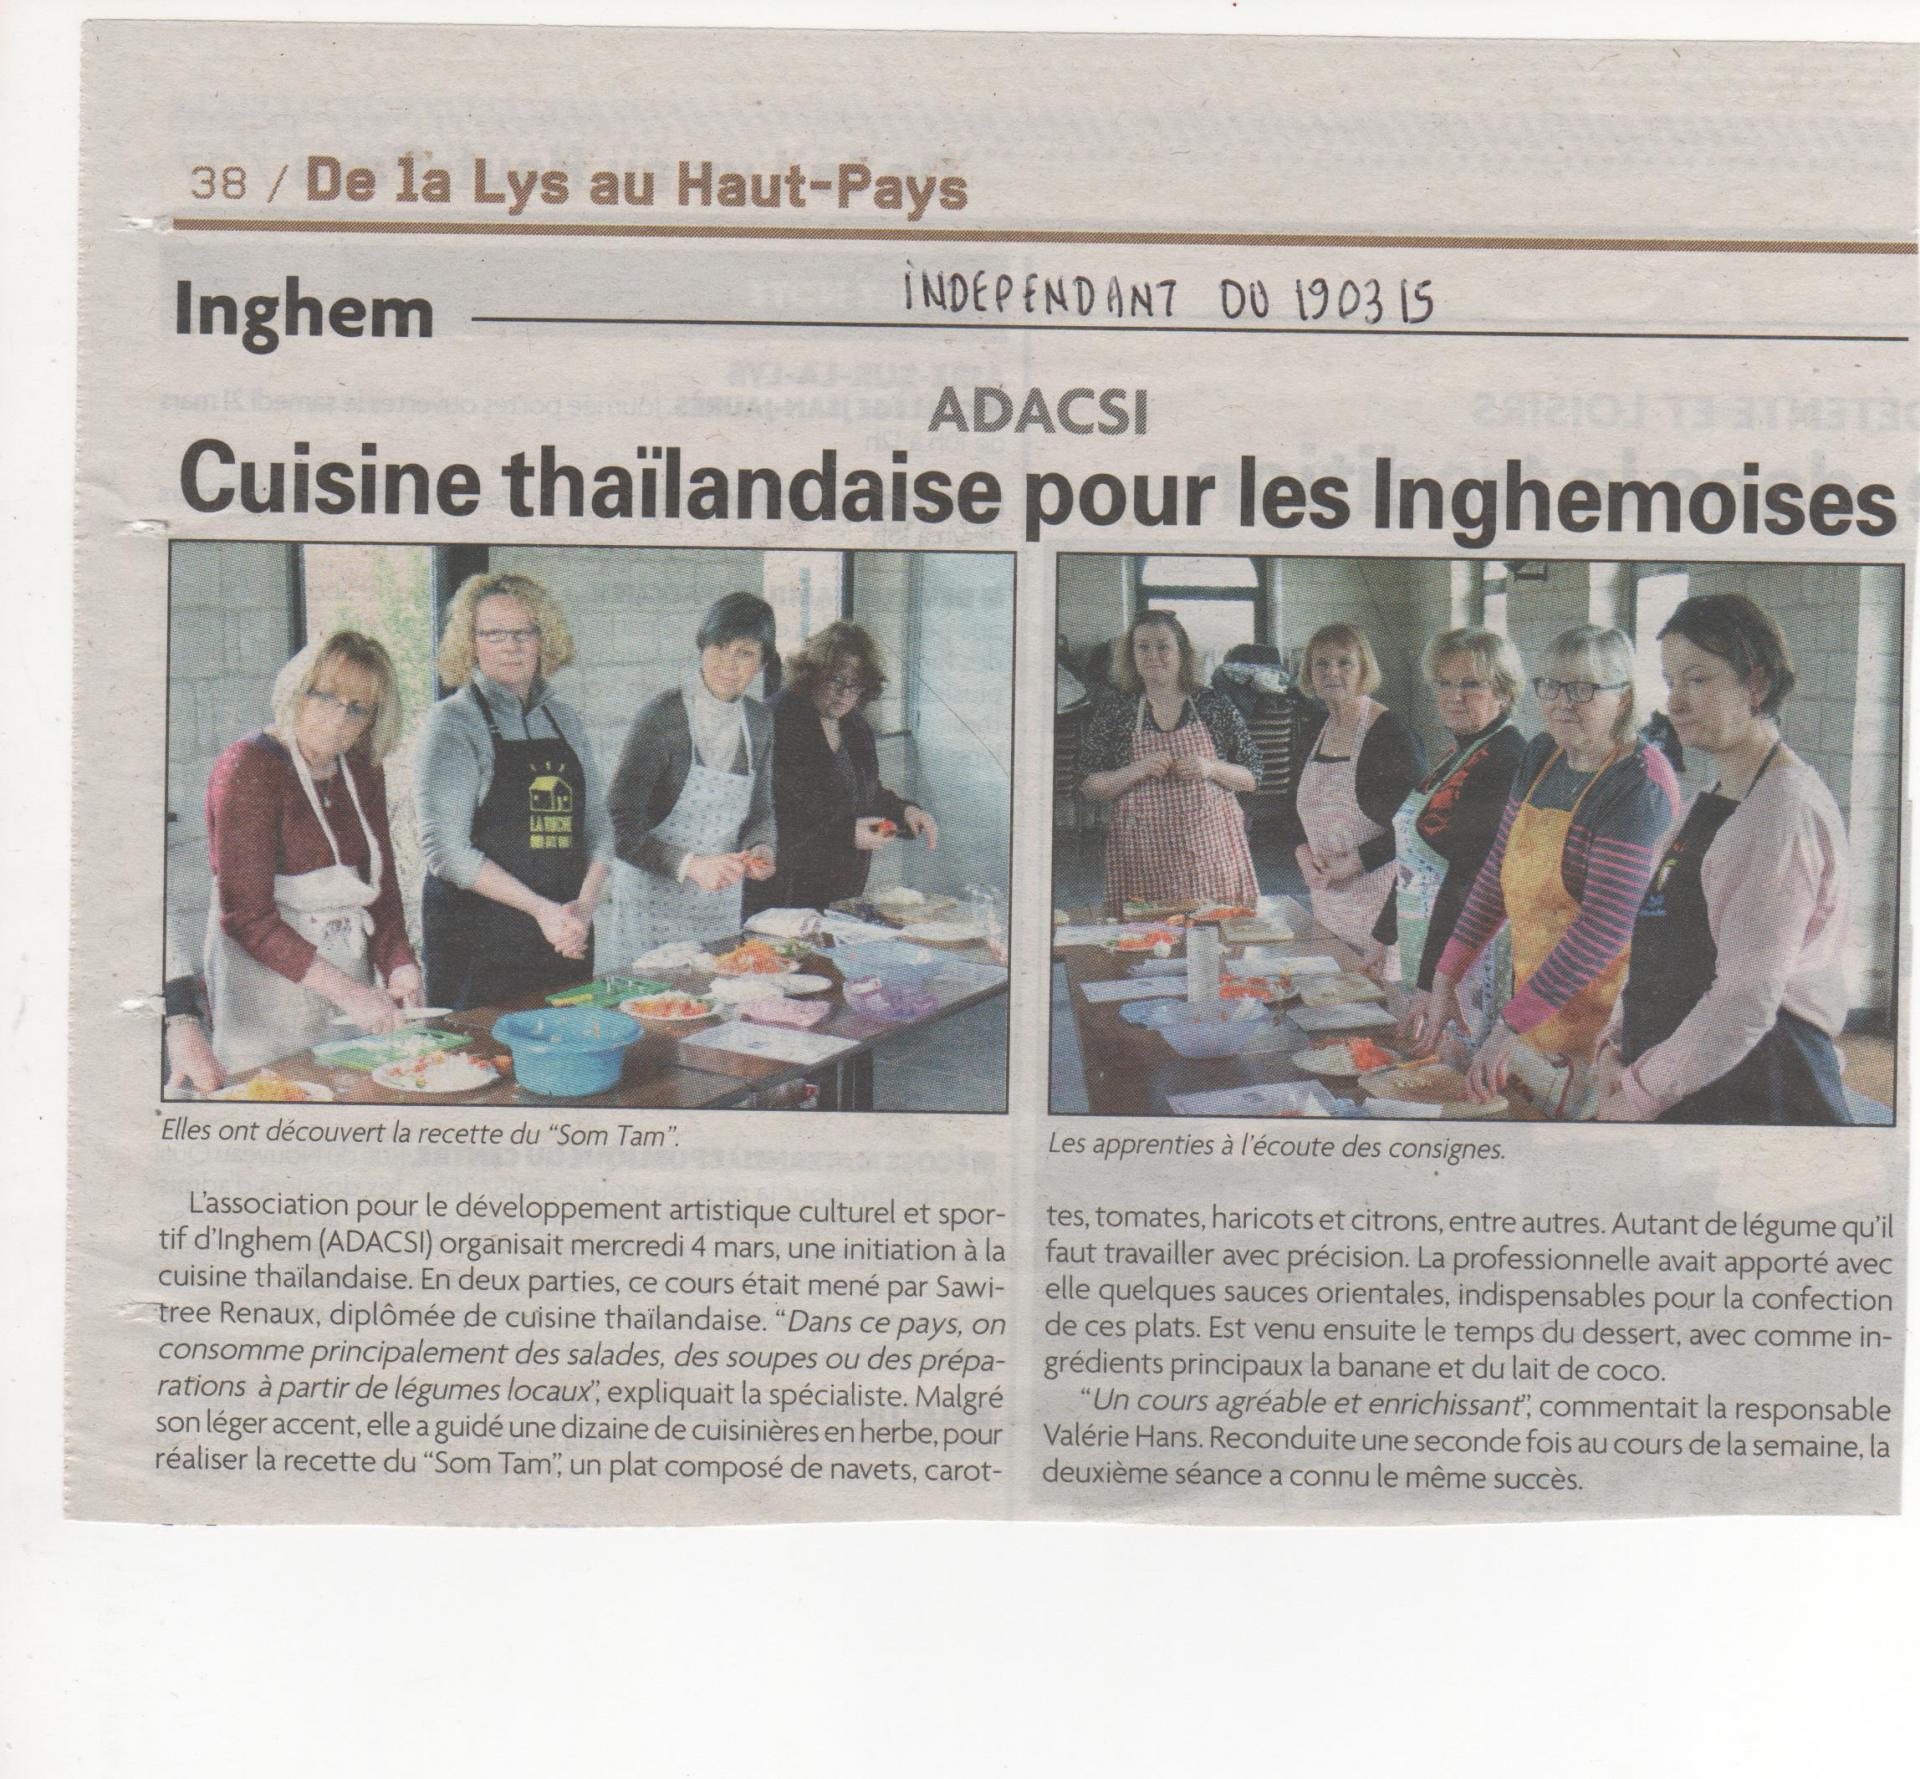 Inghem mars 2015 cours de cuisine l independant